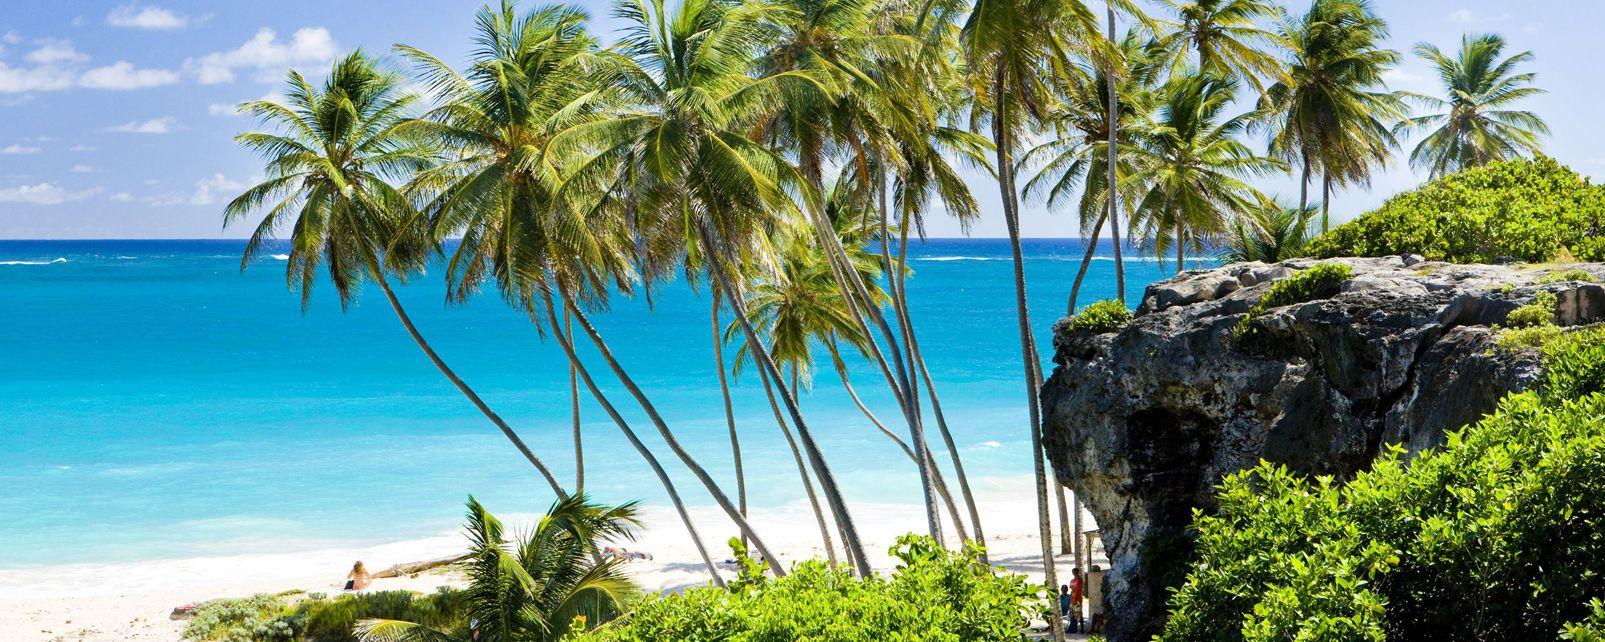 Les paysages, Bottom Bay, Barbade, Caraïbes, amérique, mer, tropiques